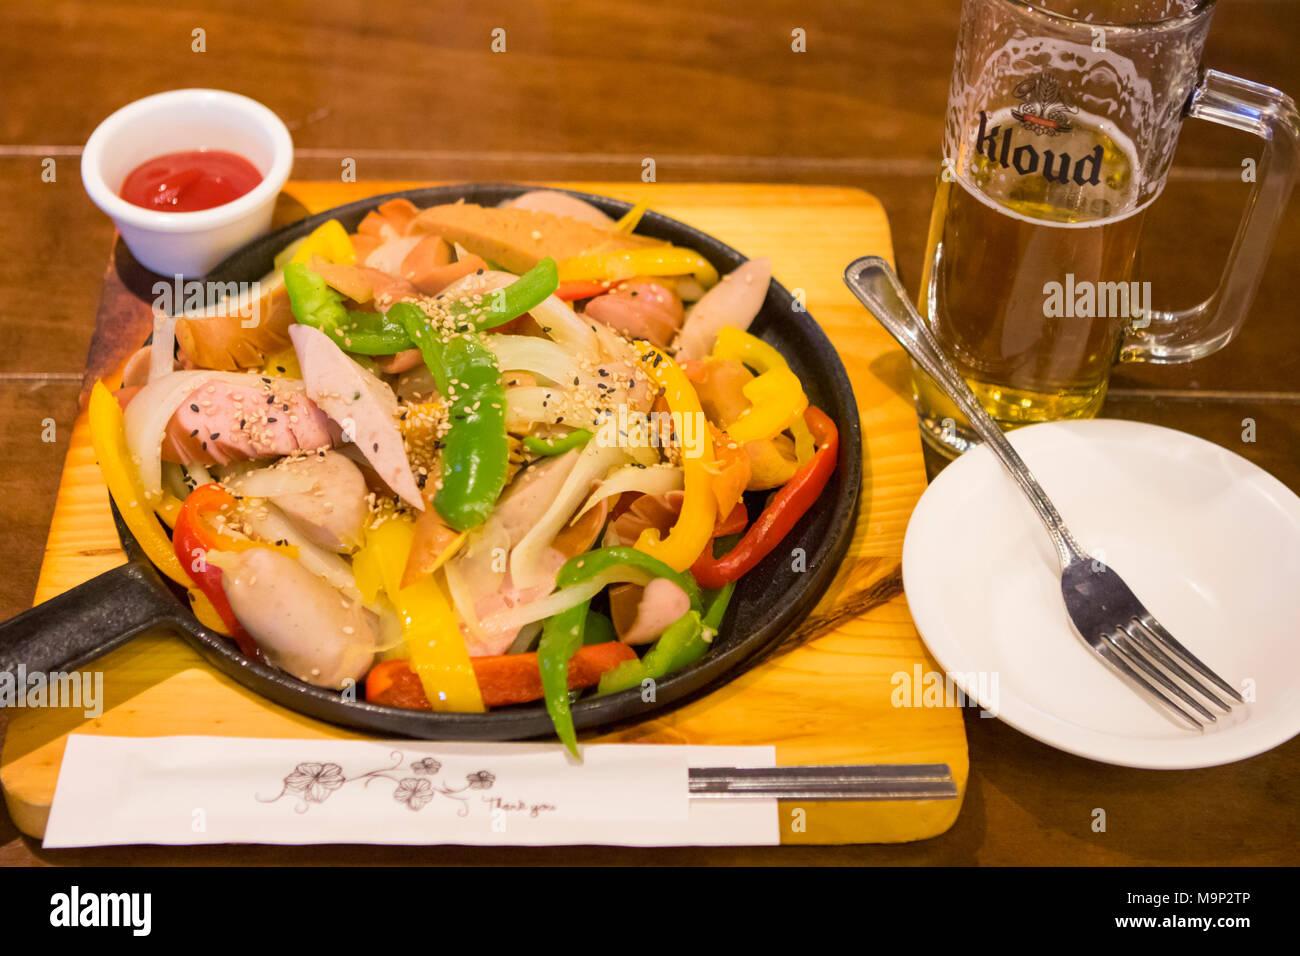 Un plat typique de la Corée du Sud pour manger avec de la bière, après le ski: saucisses grillées et les poivrons doux. L'Alpensia Resort est une station de ski et une attraction touristique. Il est situé sur le territoire du canton de Daegwallyeong-myeon, dans le comté de Pyeongchang, hébergeant les Jeux Olympiques d'hiver en février 2018. La station de ski est à environ 2,5 heures à partir de l'aéroport d'Incheon à Séoul ou en voiture, tous principalement d'autoroute. Alpensia possède six pistes de ski et snowboard, avec fonctionne jusqu'à 1.4 km (0,87 mi) long, pour les débutants et les skieurs avancés, et une zone réservée pour les snowboarders. Bien que le resort Photo Stock